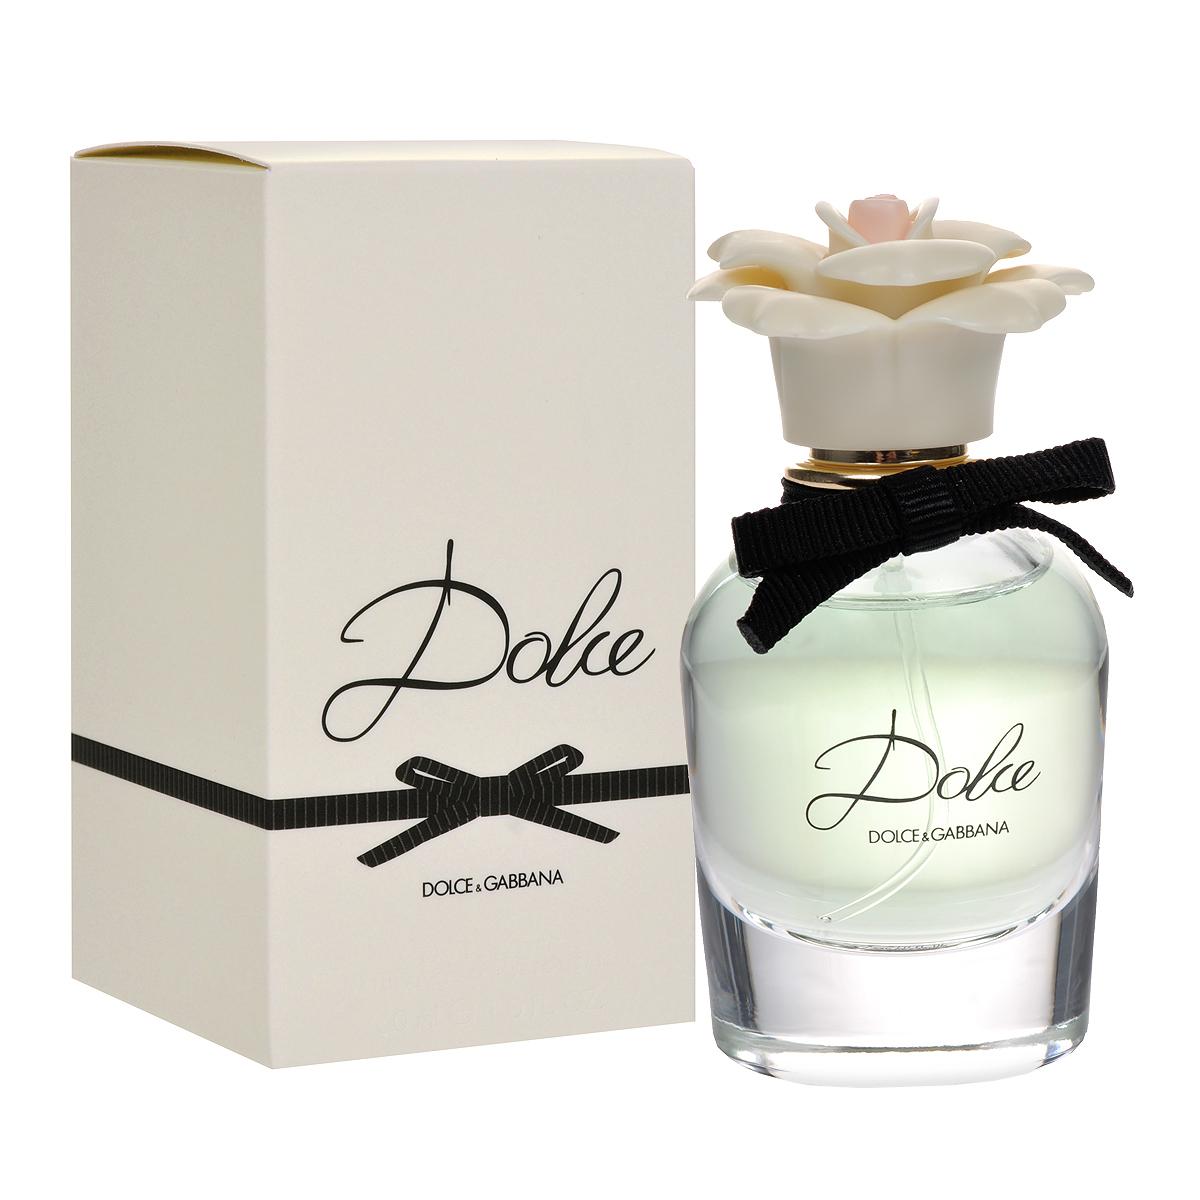 Dolce&Gabbana Парфюмерная вода Dolce, женская, 50 мл0737052746890Dolce & Gabbana Dolce - аромат ассоциируется с эмоциональным и чувственным путешествием по Сицилии, которая является источником вдохновения модного дуэта. Он описывается как мягкий и женственный аромат с нотами белых цветов. Аромат открывается свежестью нероли и цветов папайи. Средние ноты состоят из белых амариллис, нарцисса и белой лилии. База обволакивает кашемиром и мускусом, дающими ощущение мягкости. Классификация аромата : цветочный. Пирамида аромата : Верхние ноты: цветы папайи, нероли. Ноты сердца: белый амариллис, нарцисс, белая водяная лилия. Ноты шлейфа: кашемир, мускус. Ключевые слова Женственный, мягкий, чувственный, эмоциональный!